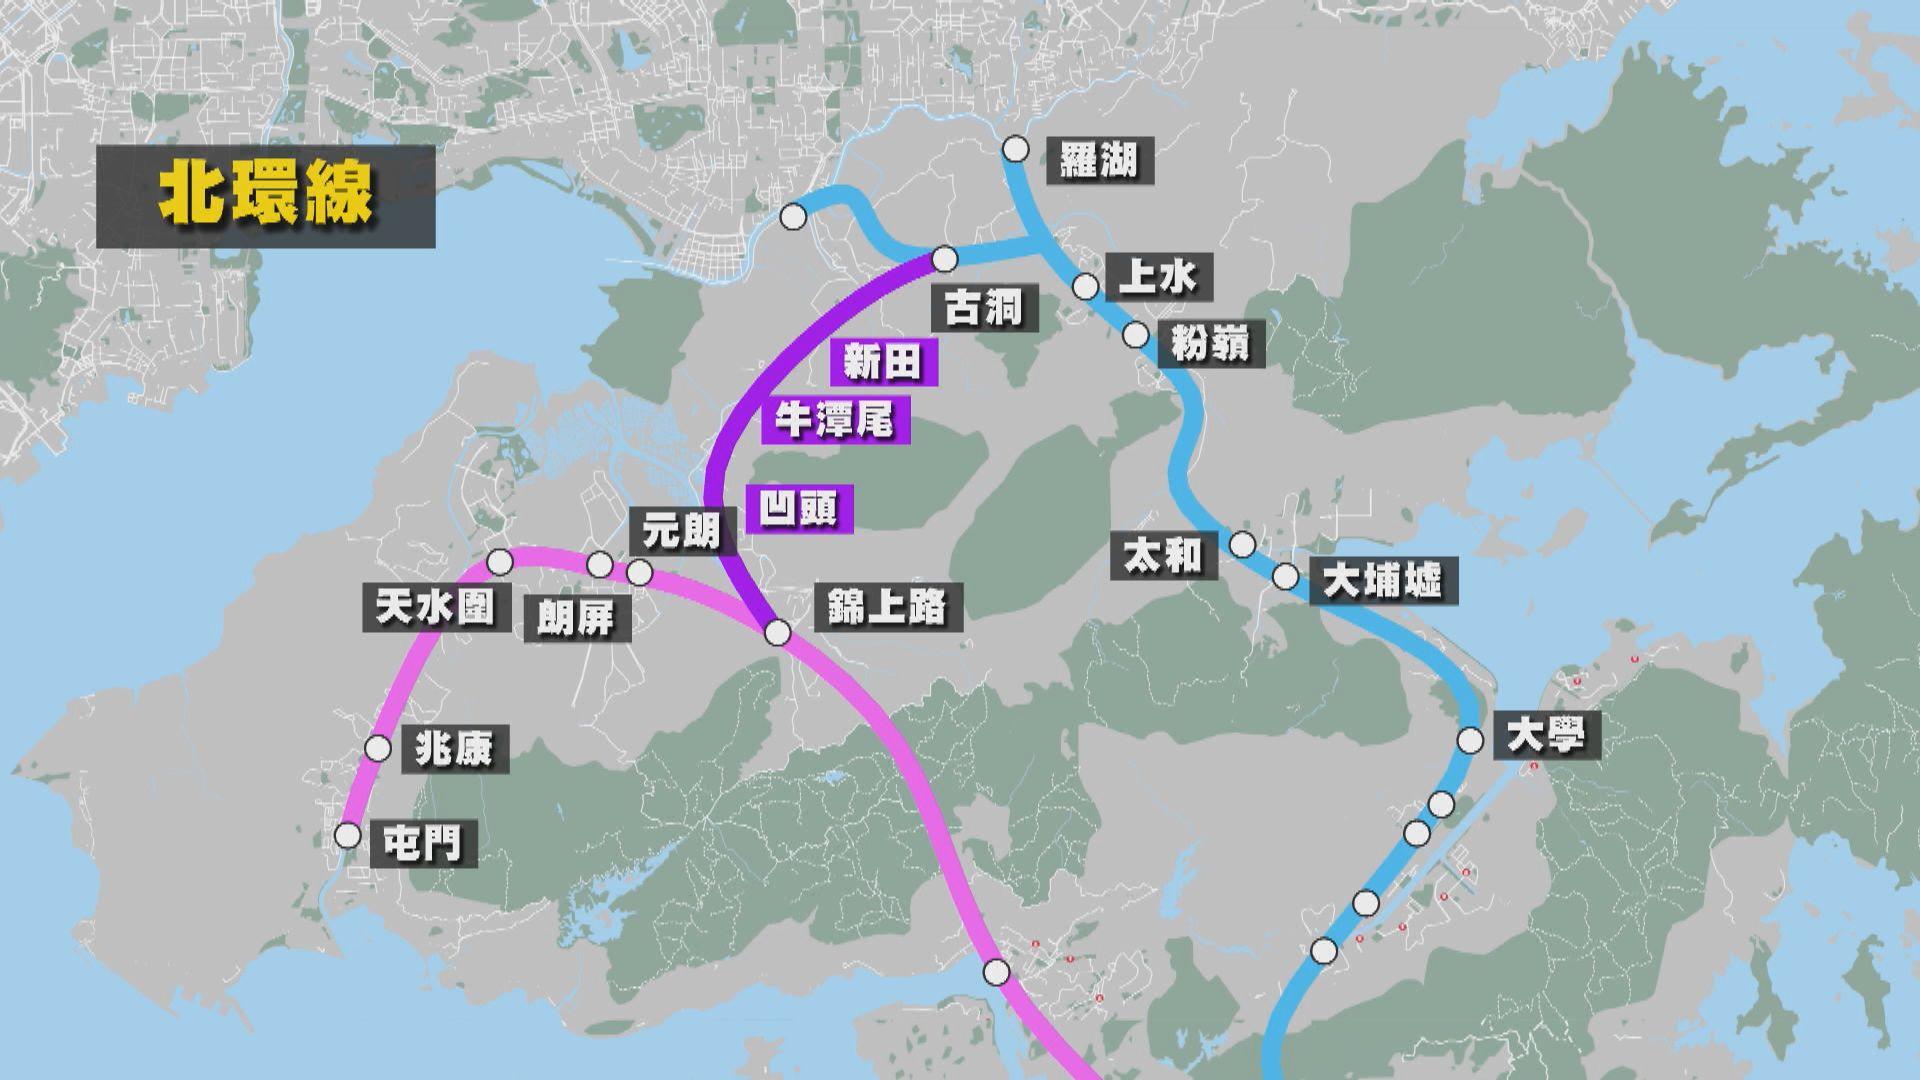 【施政報告】港鐵來年詳細研三條新鐵路規劃